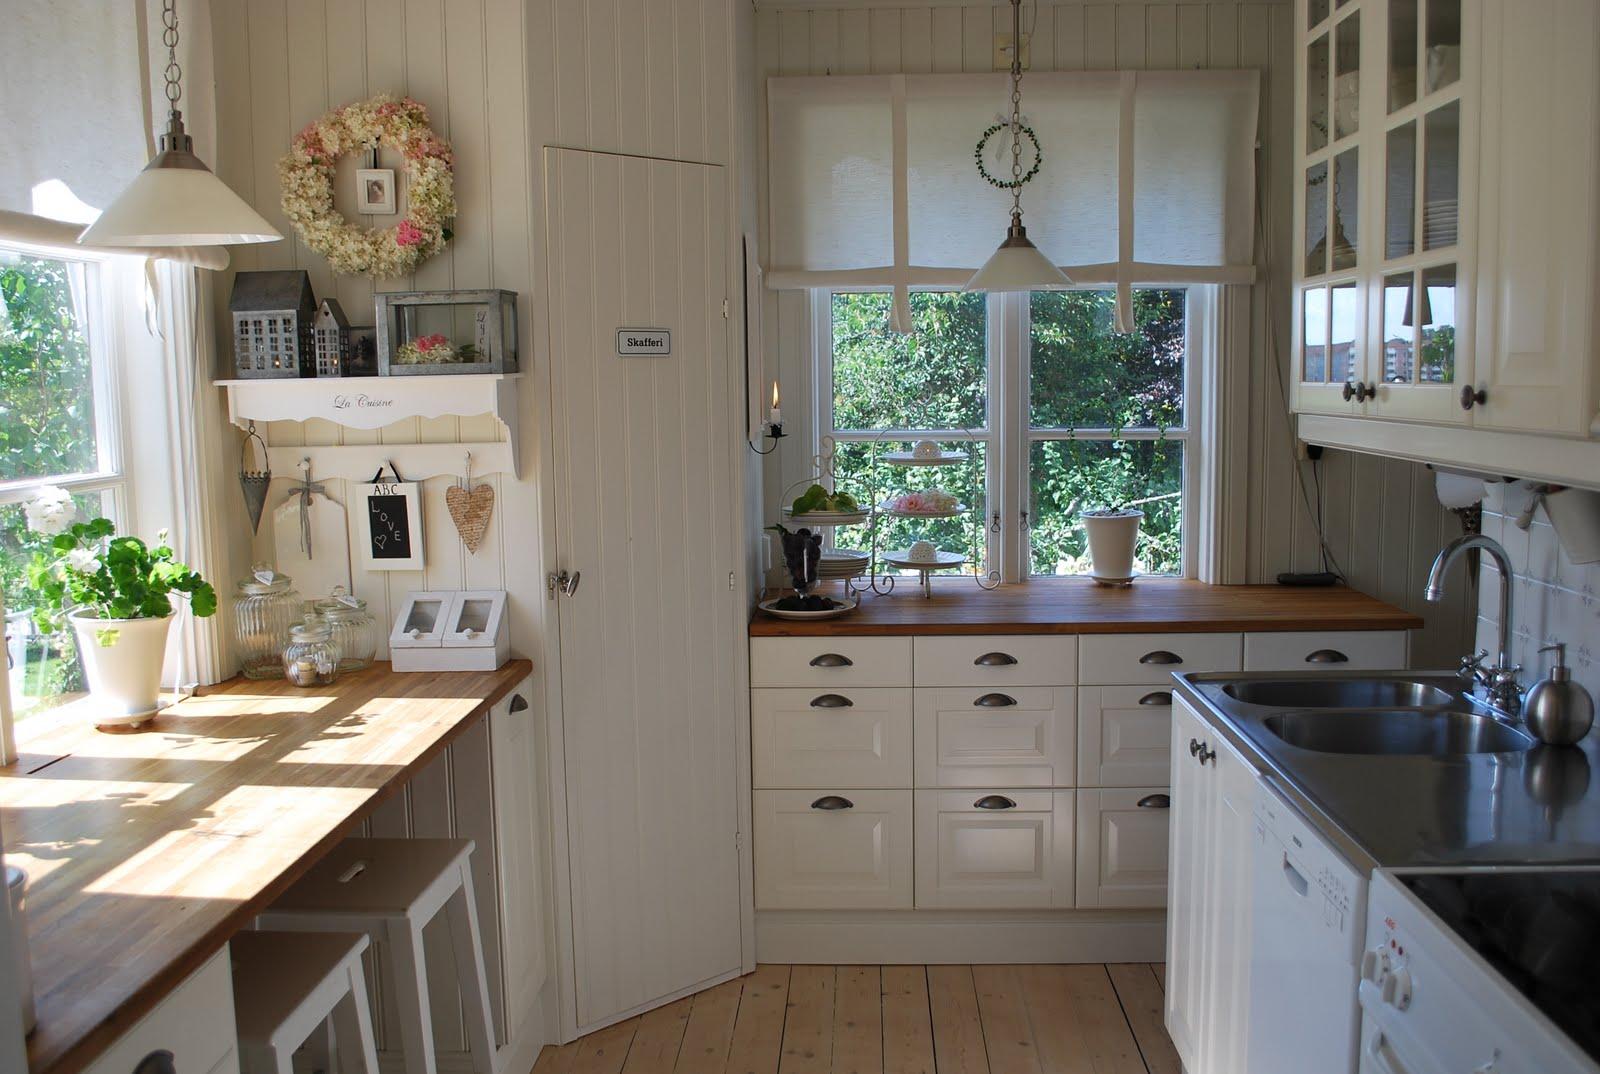 Gezelligheid Keuken : Een fantastische Zweedse keuken, zo zou ik mijn keuken ook wel graag